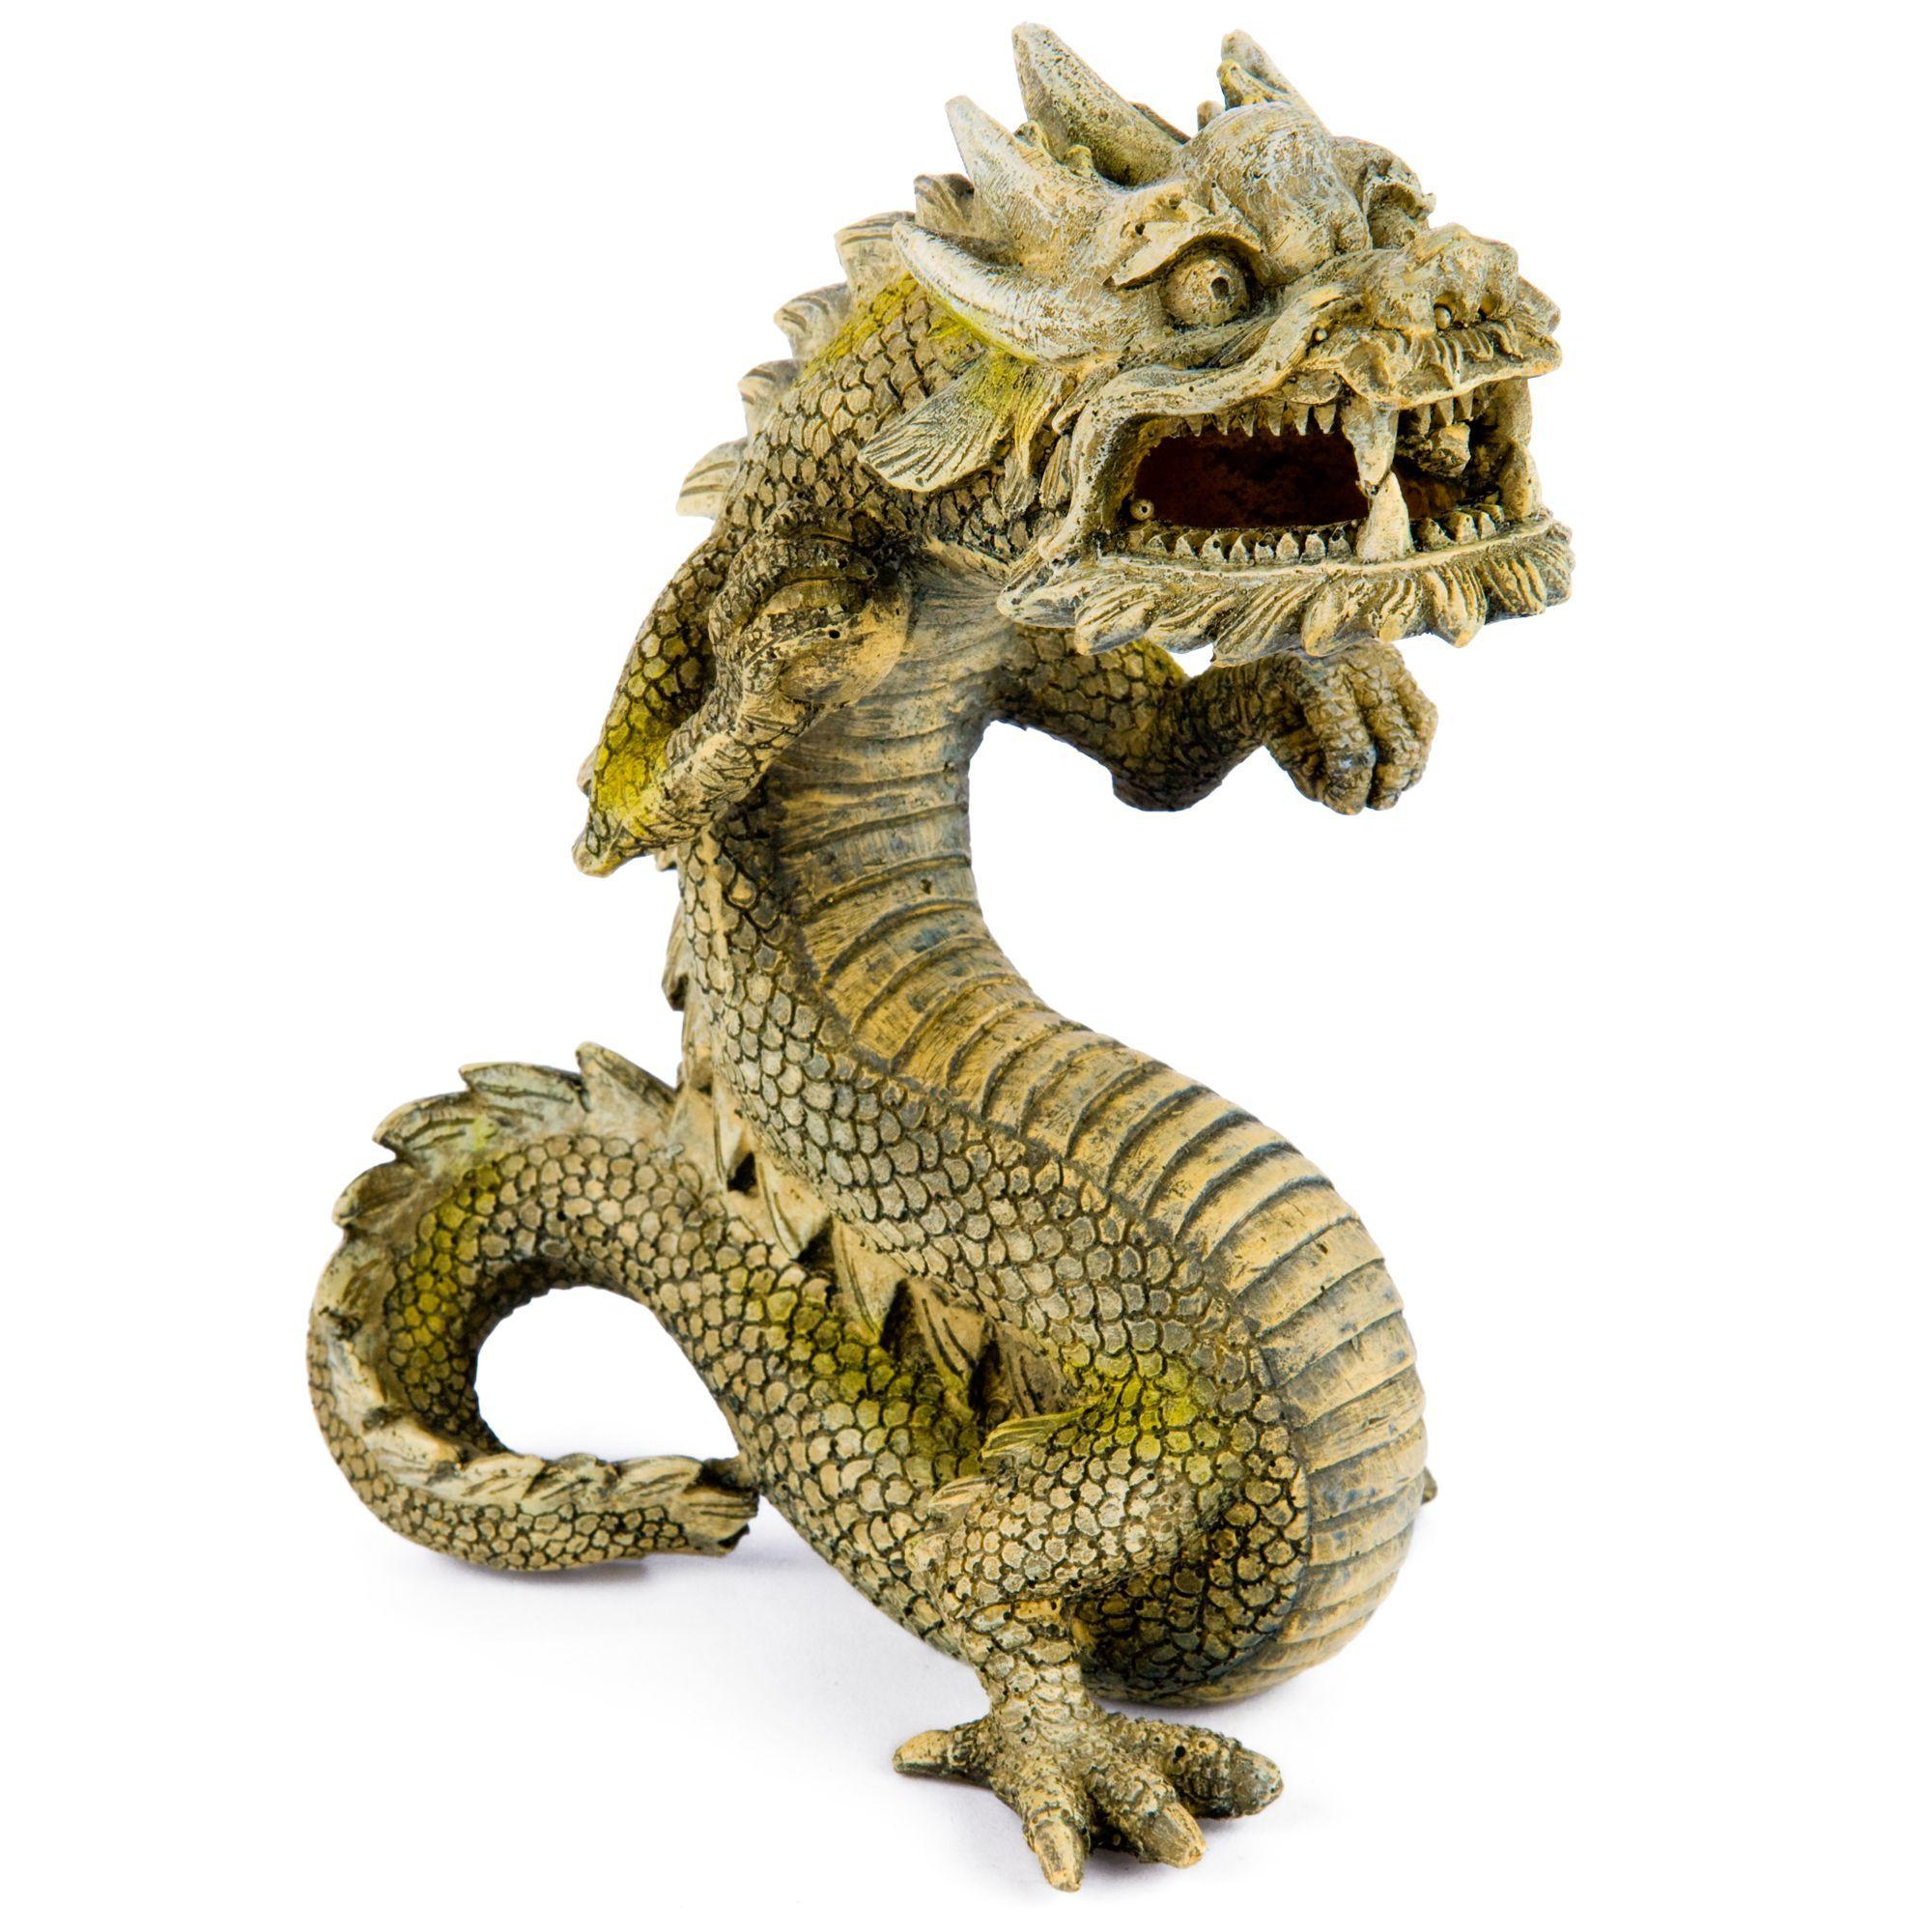 Pet Supplies Decorations Balinese Dragon Aquarium Ornament Fish Tank